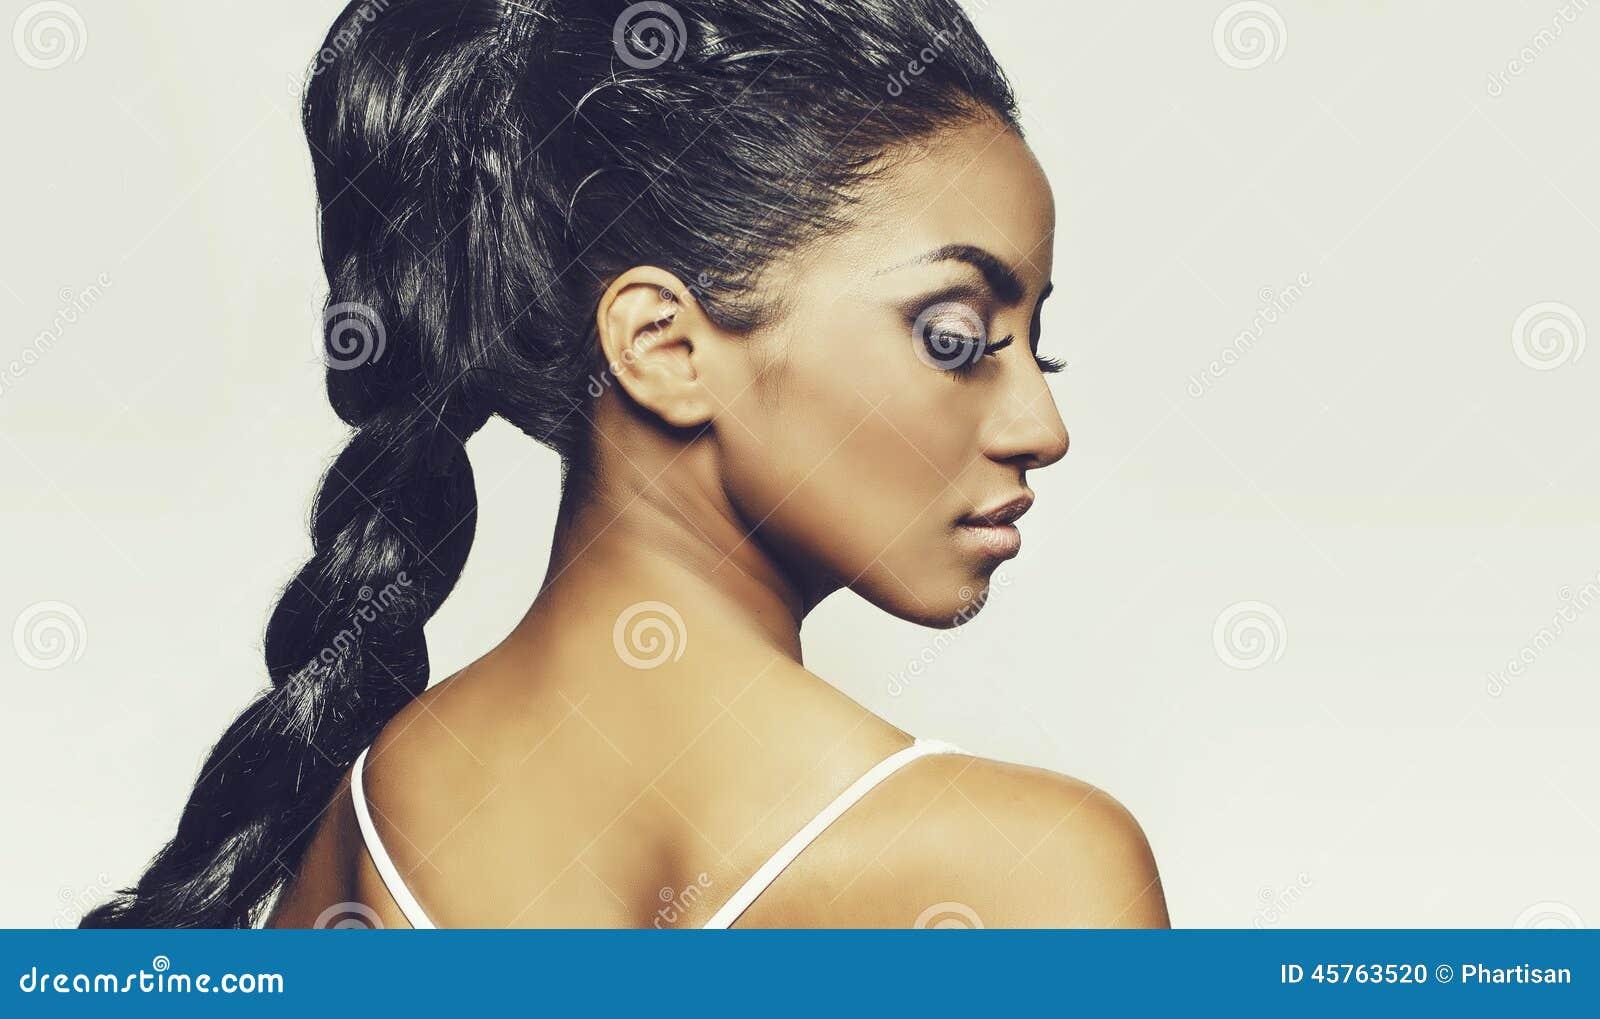 Profile of beautiful young woman braids